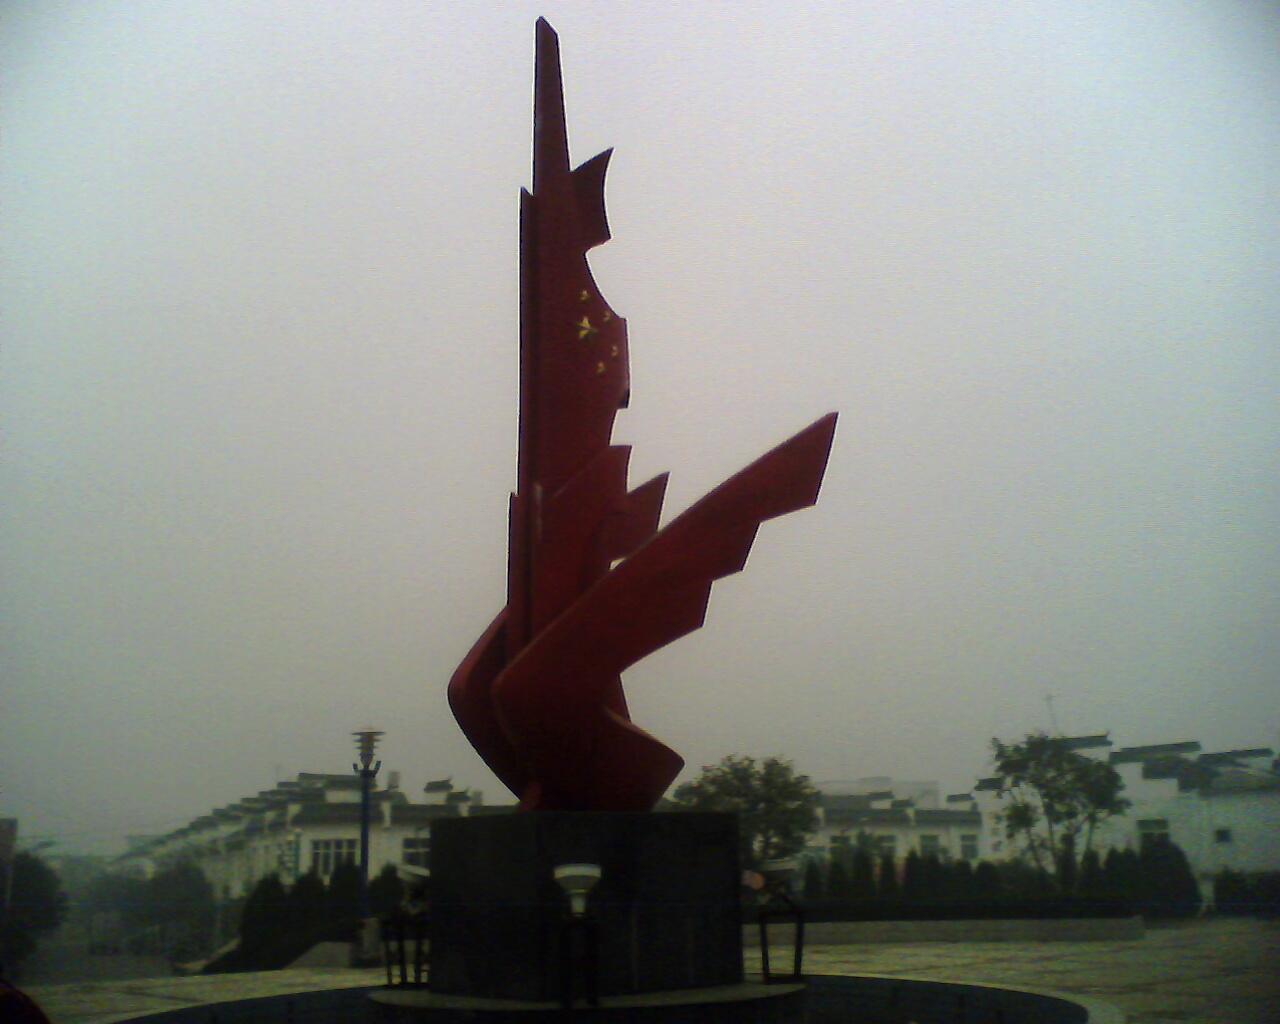 奎湖水上风景区:奎湖位于南陵县城北部,紧依205国道,距芜湖市16公里.